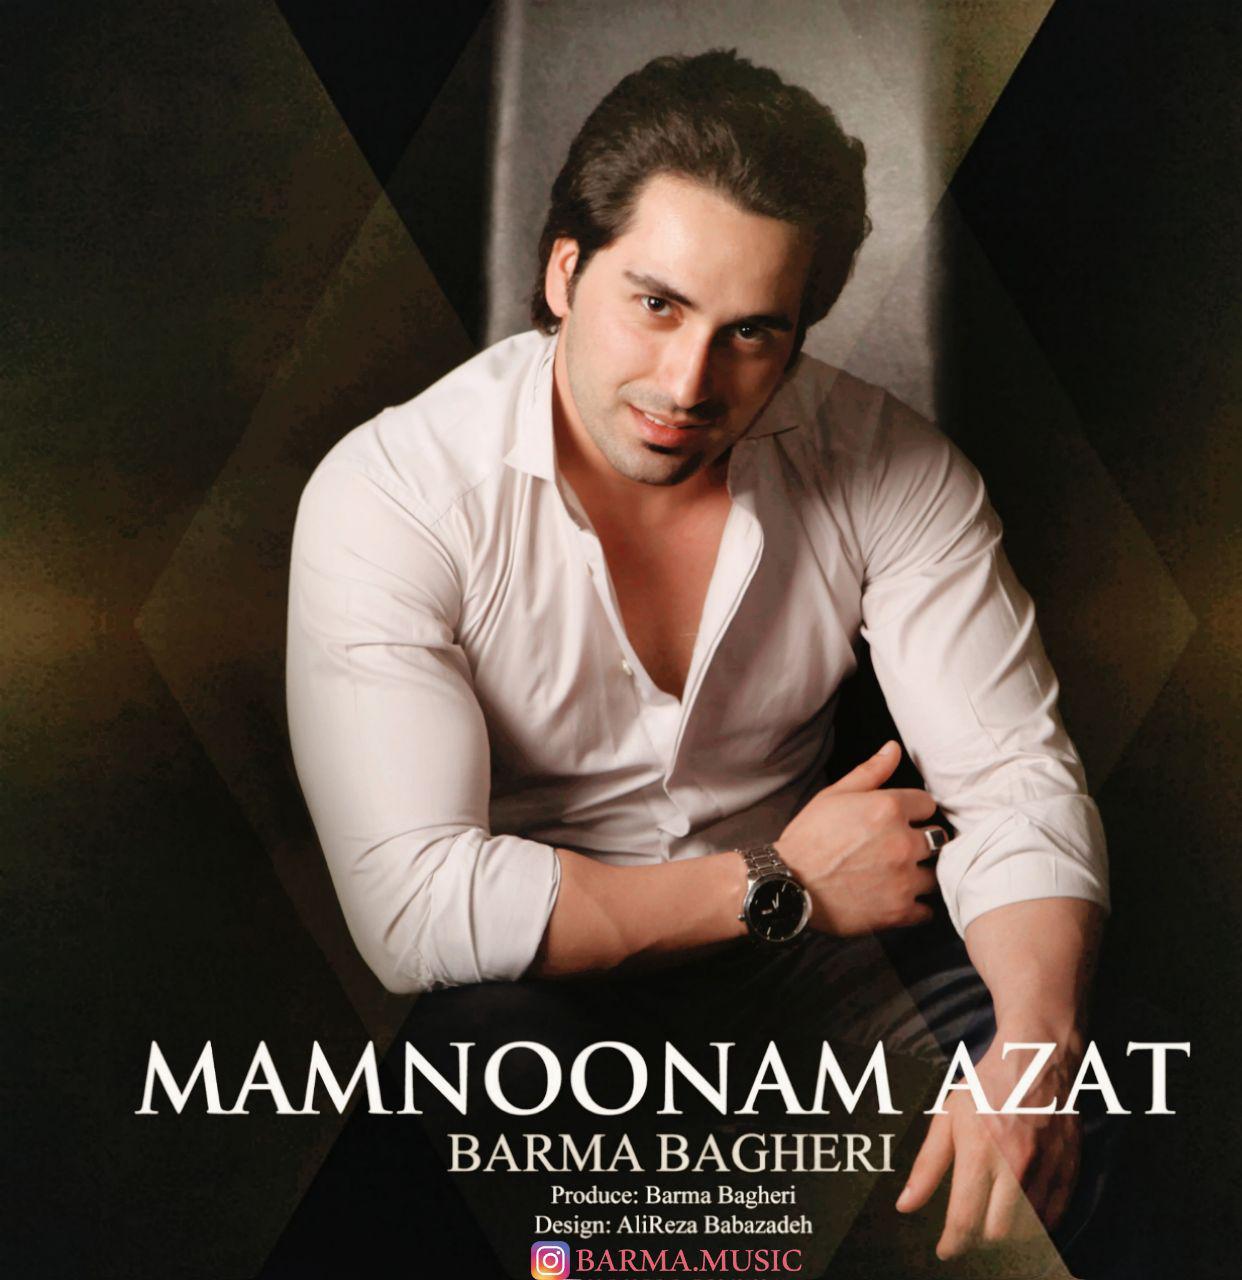 Barma Bagheri – MamNoonam Azat